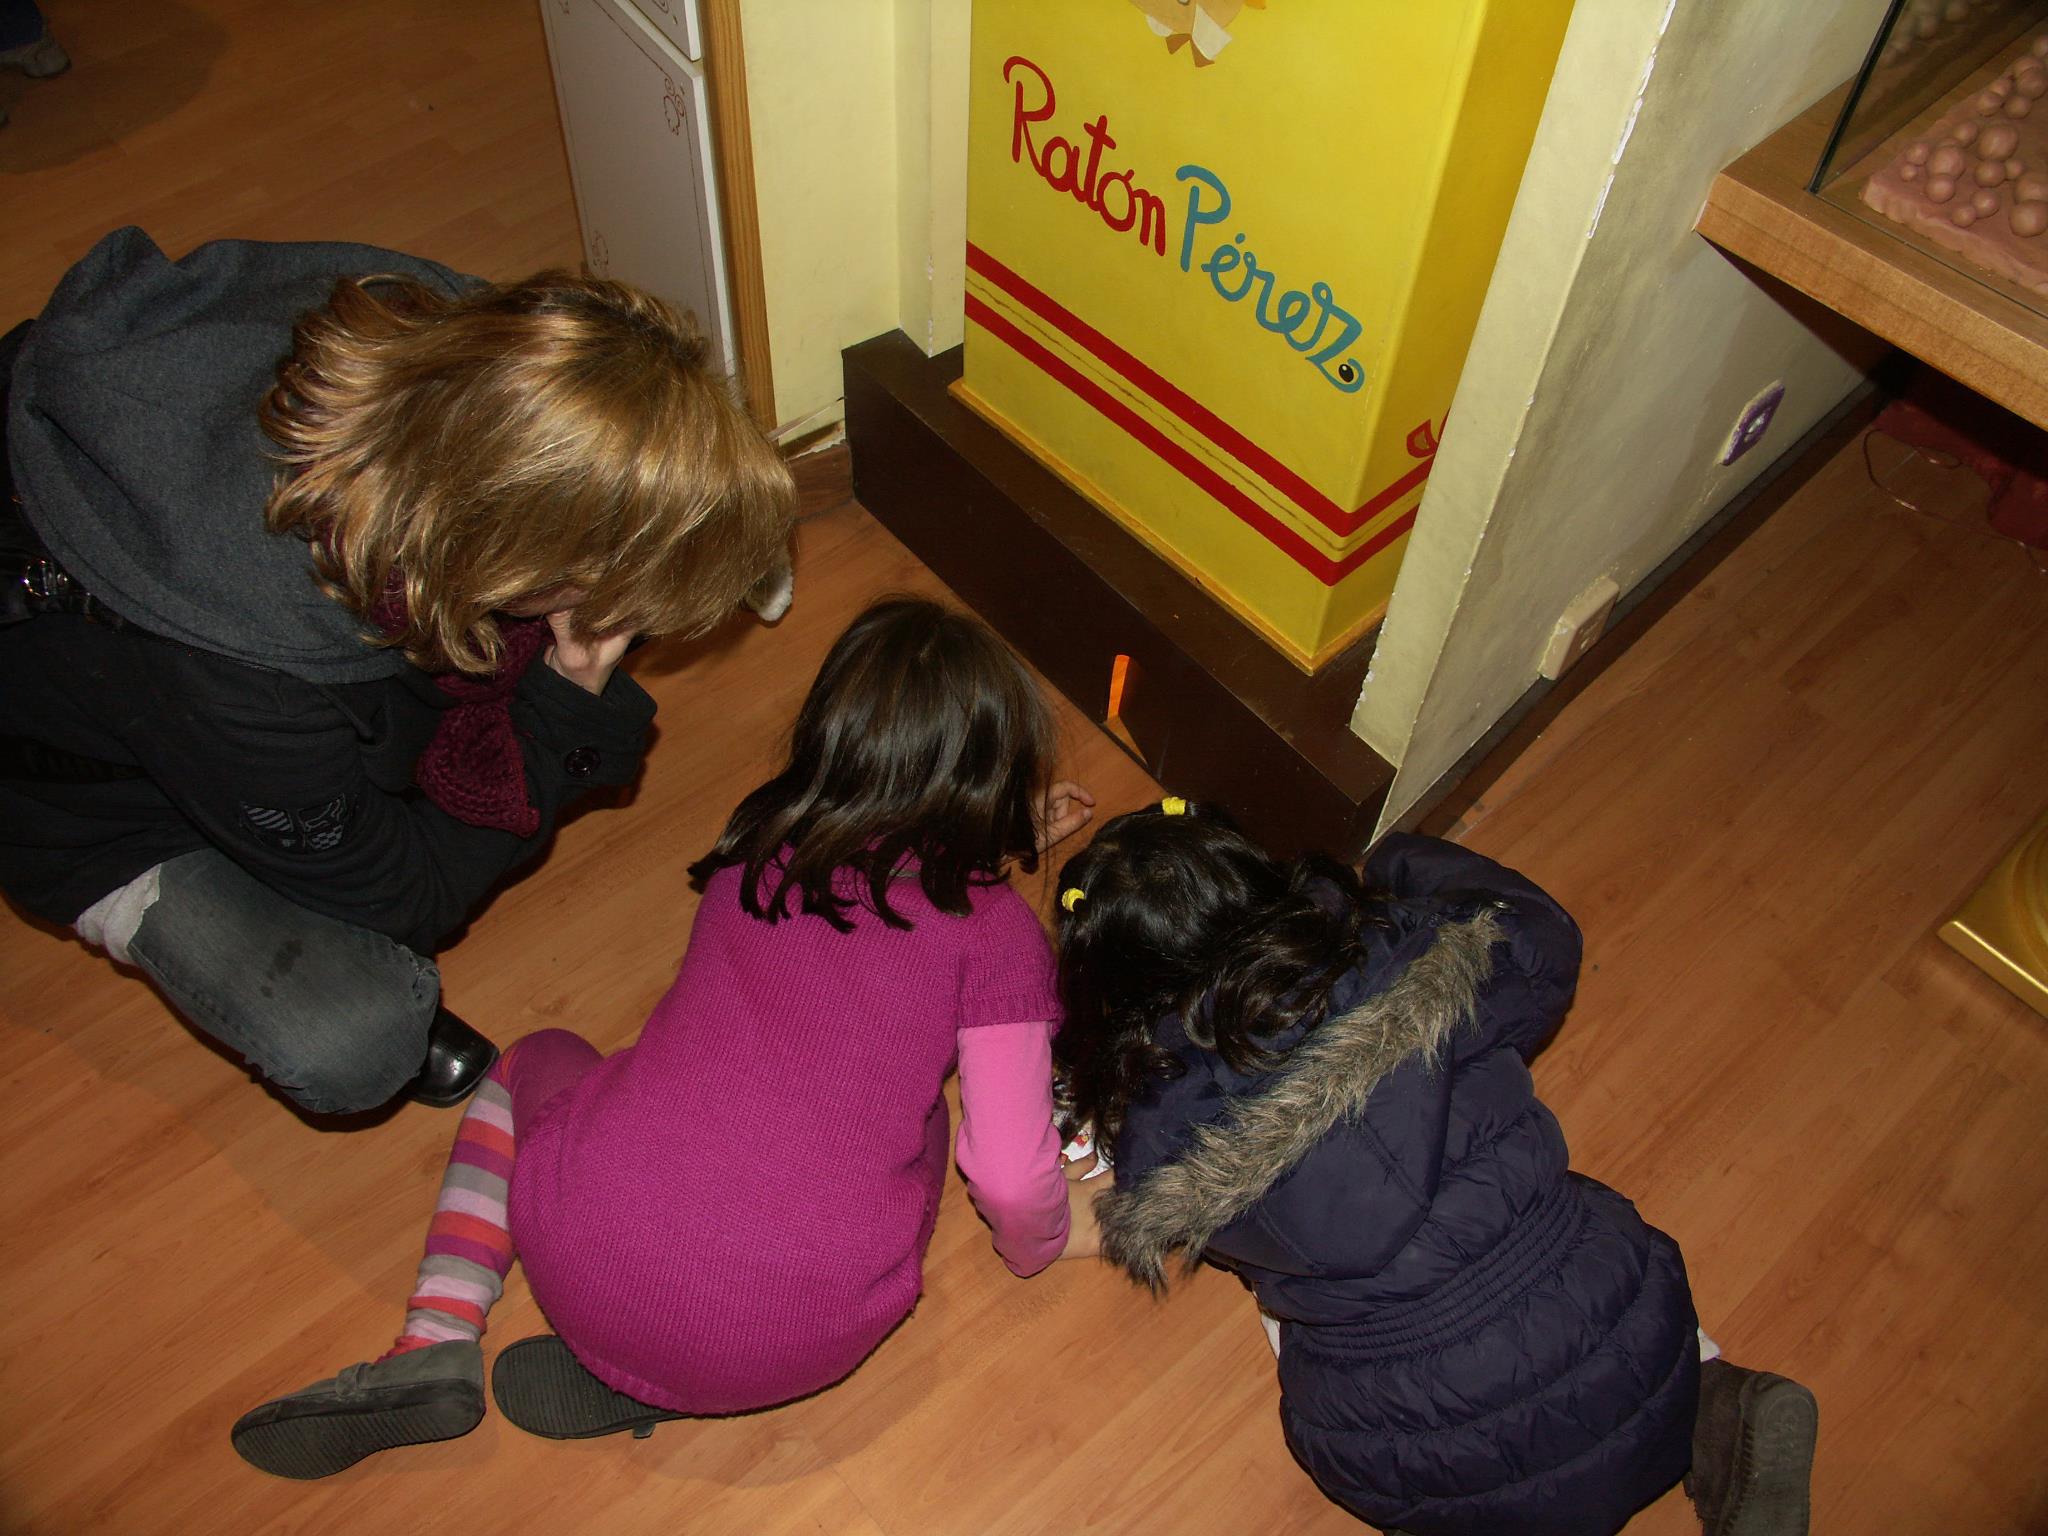 Casa museo del ratoncito p rez gololo y toin blog de maternidad educaci n y ni os - Raton en casa ...